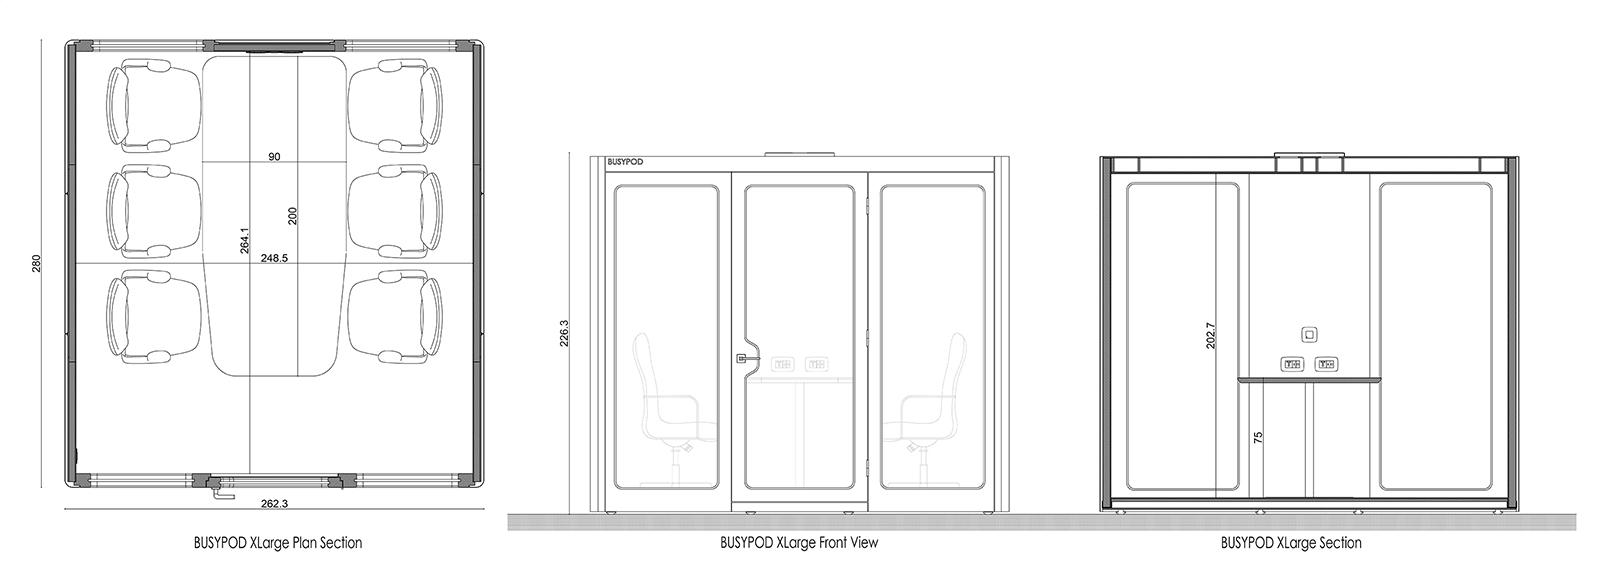 BUSYPOD XLarge dimension diagram